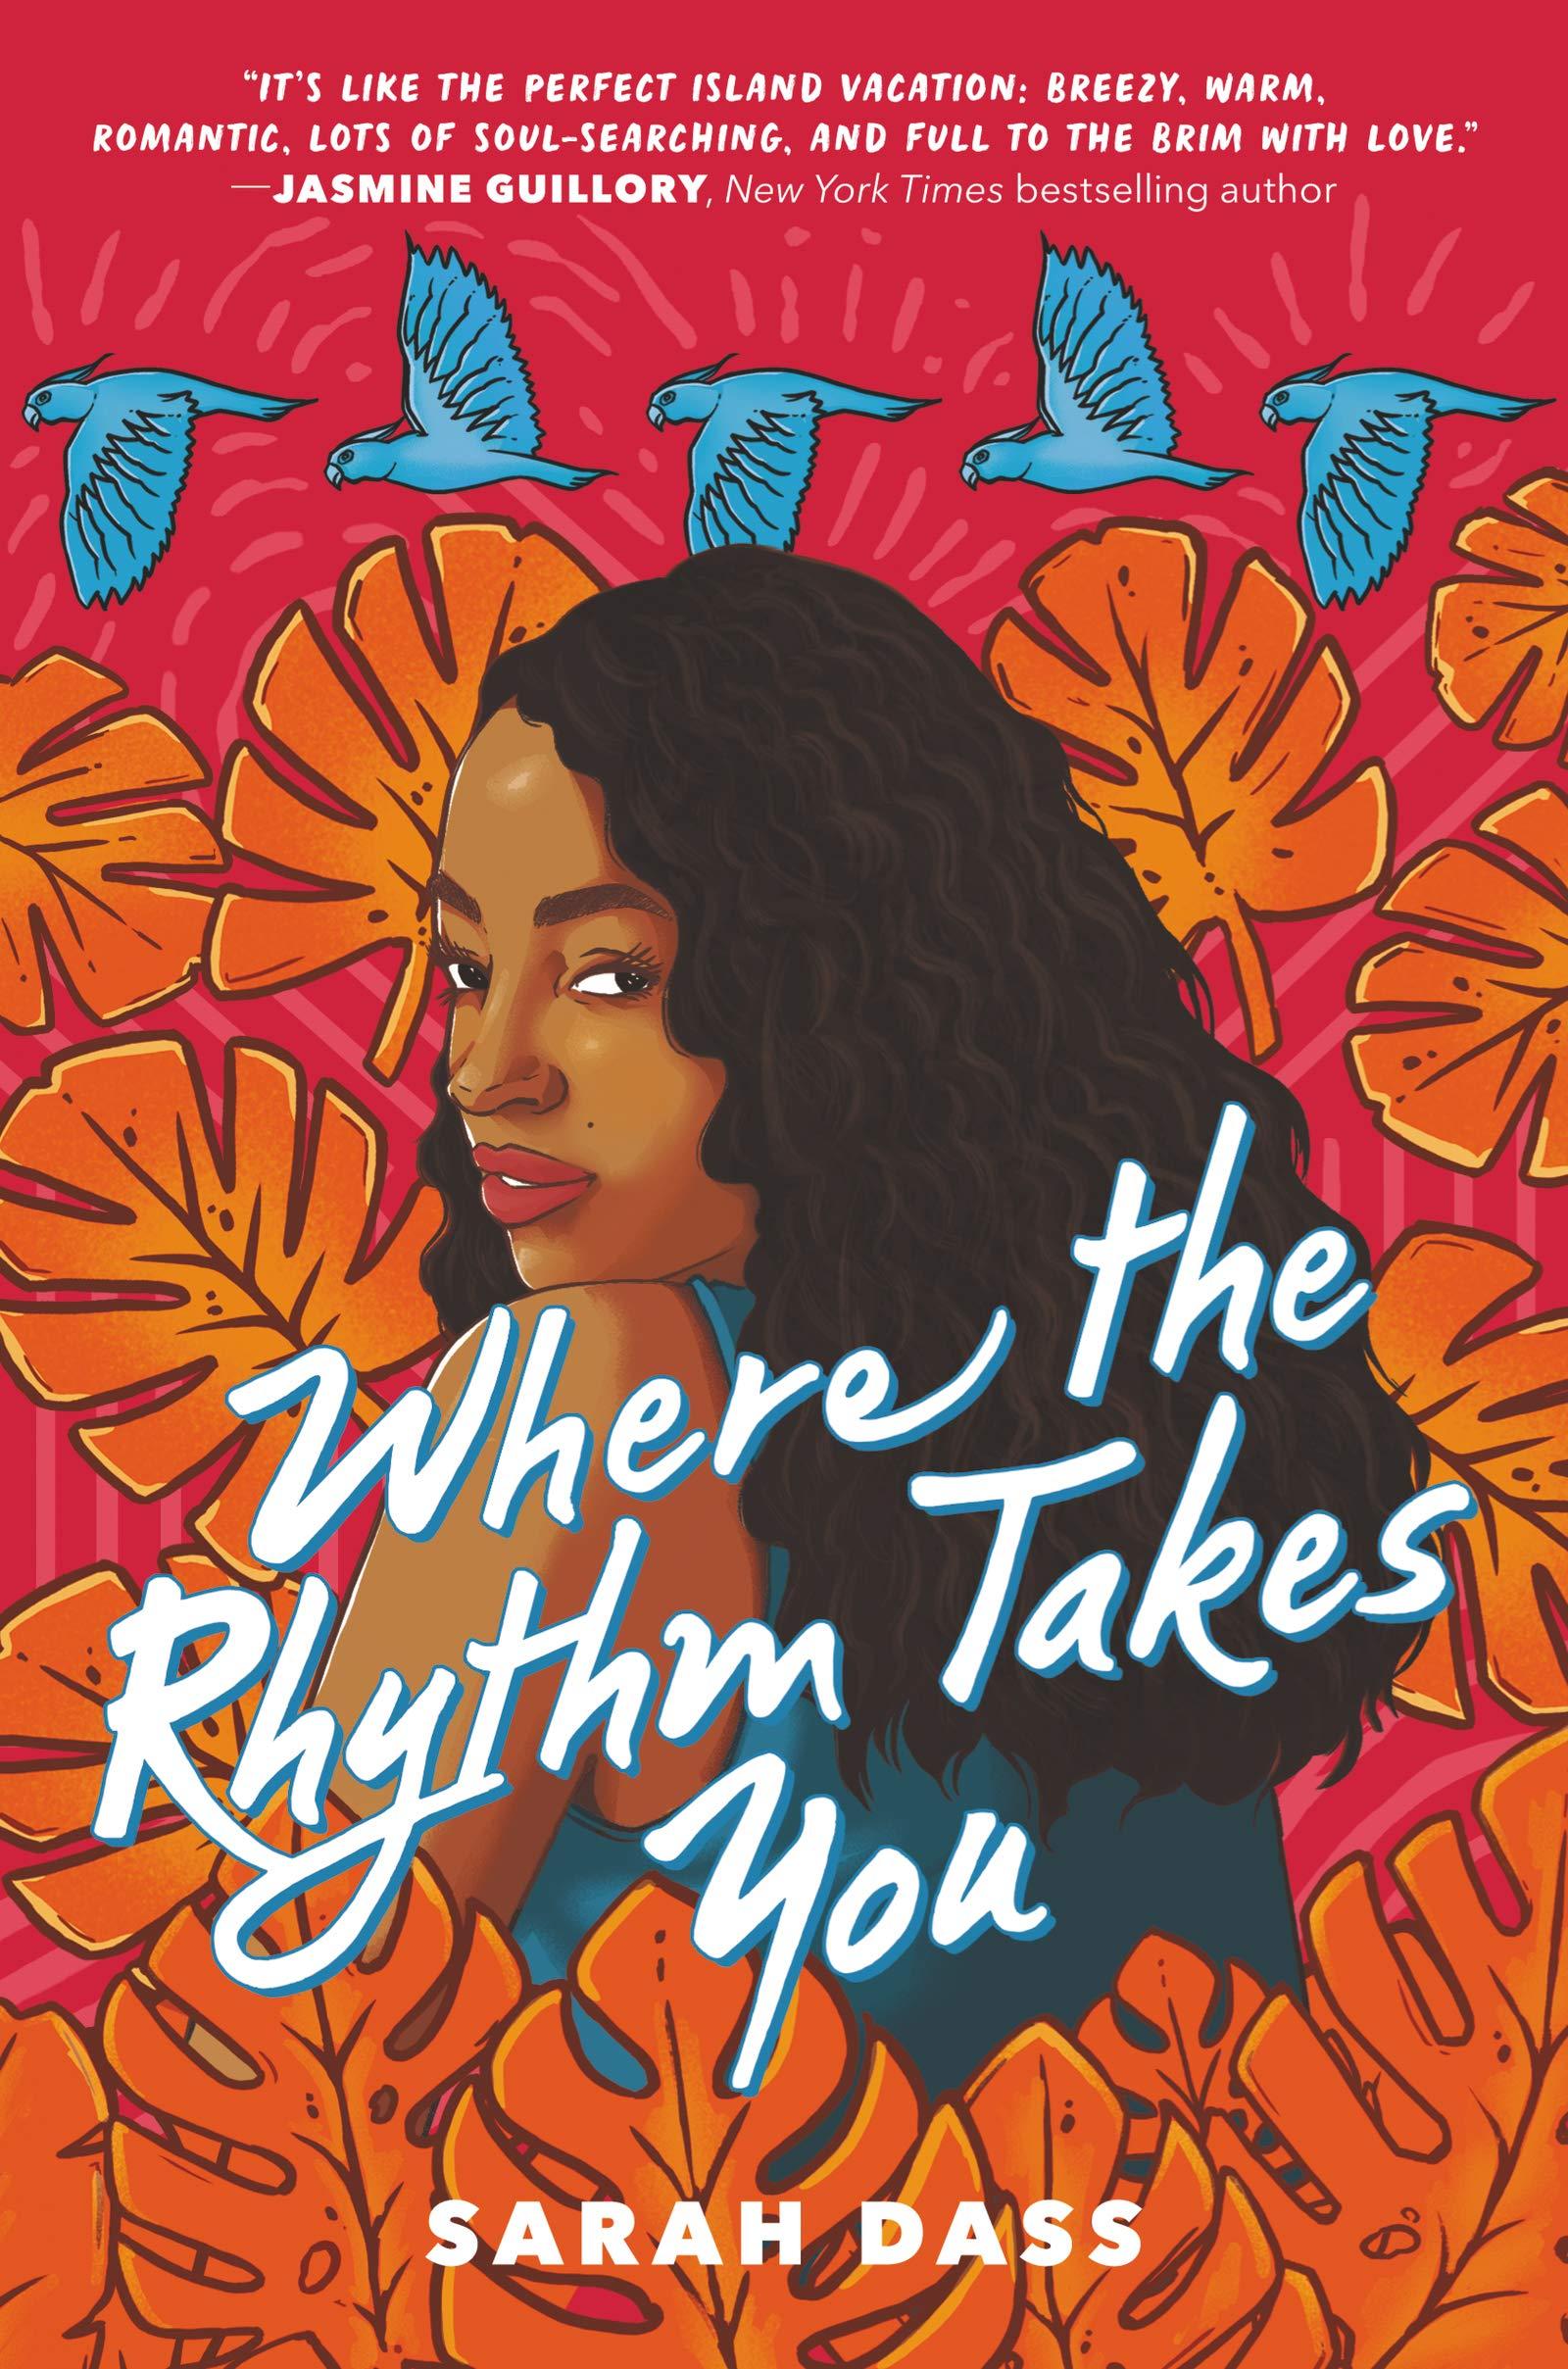 Amazon.com: Where the Rhythm Takes You (9780063018525): Dass, Sarah: Books